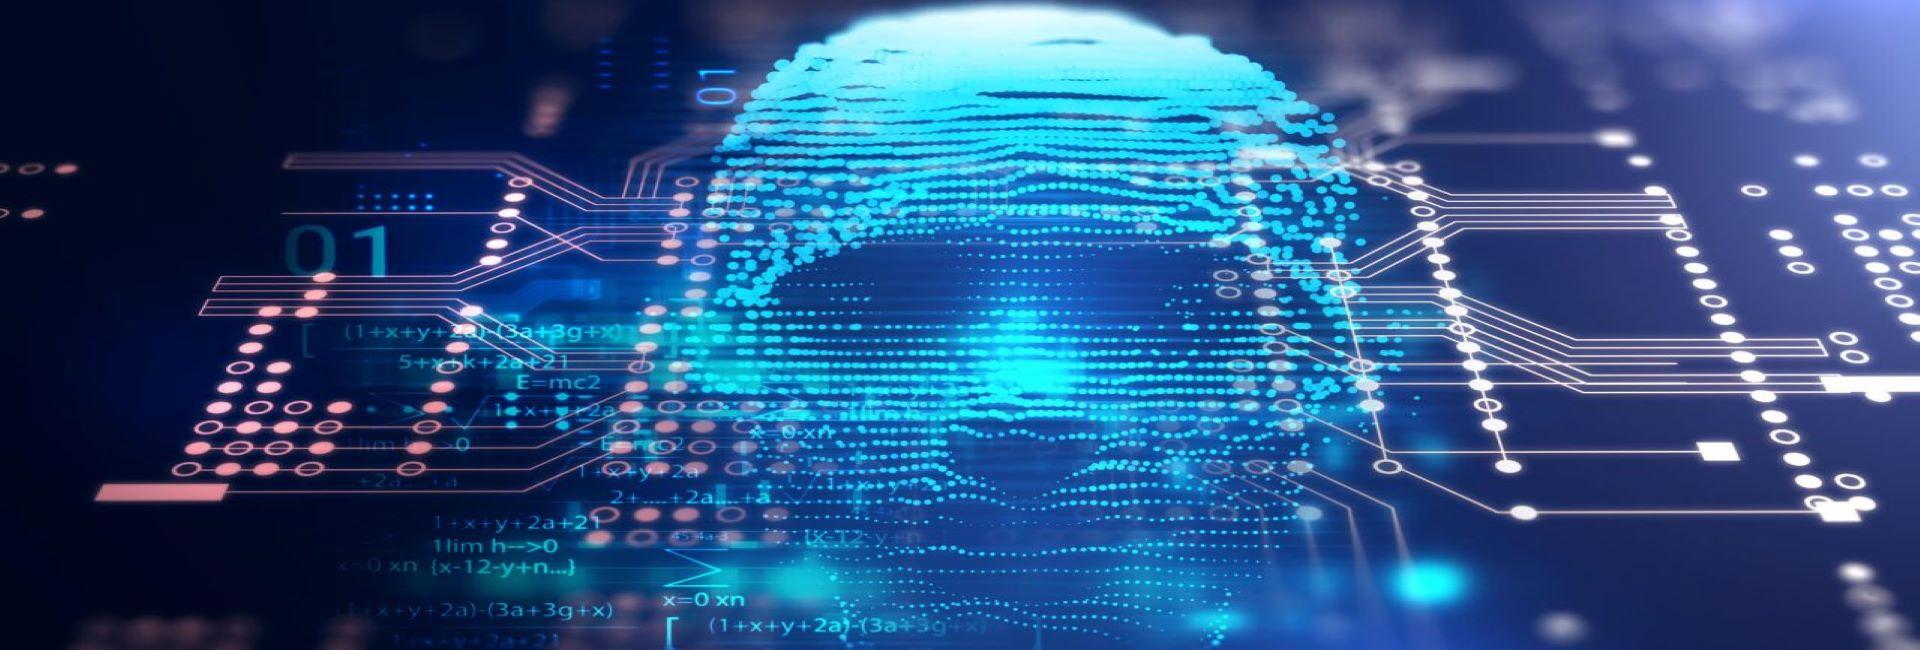 Documento vai orientar as políticas públicas de desenvolvimento da tecnologia no país